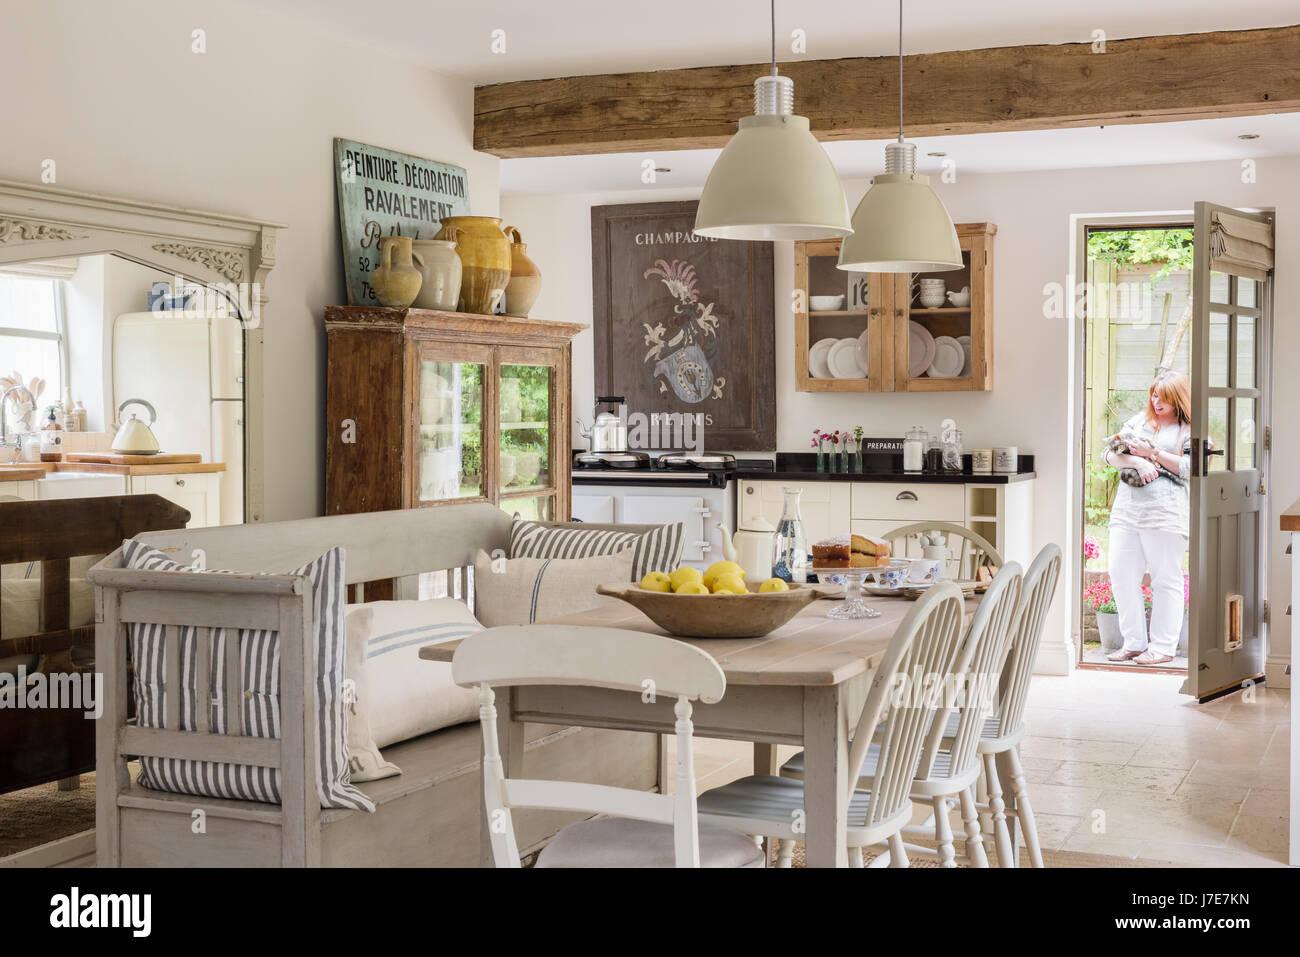 Offene Rustikale Wohnküche Mit Französisch / Skandinavischen Flair. Tisch  Und Stühle Stammen Aus Haus Und Die Kissen Sind Aus Kohl U0026 Rosen. Die Pe